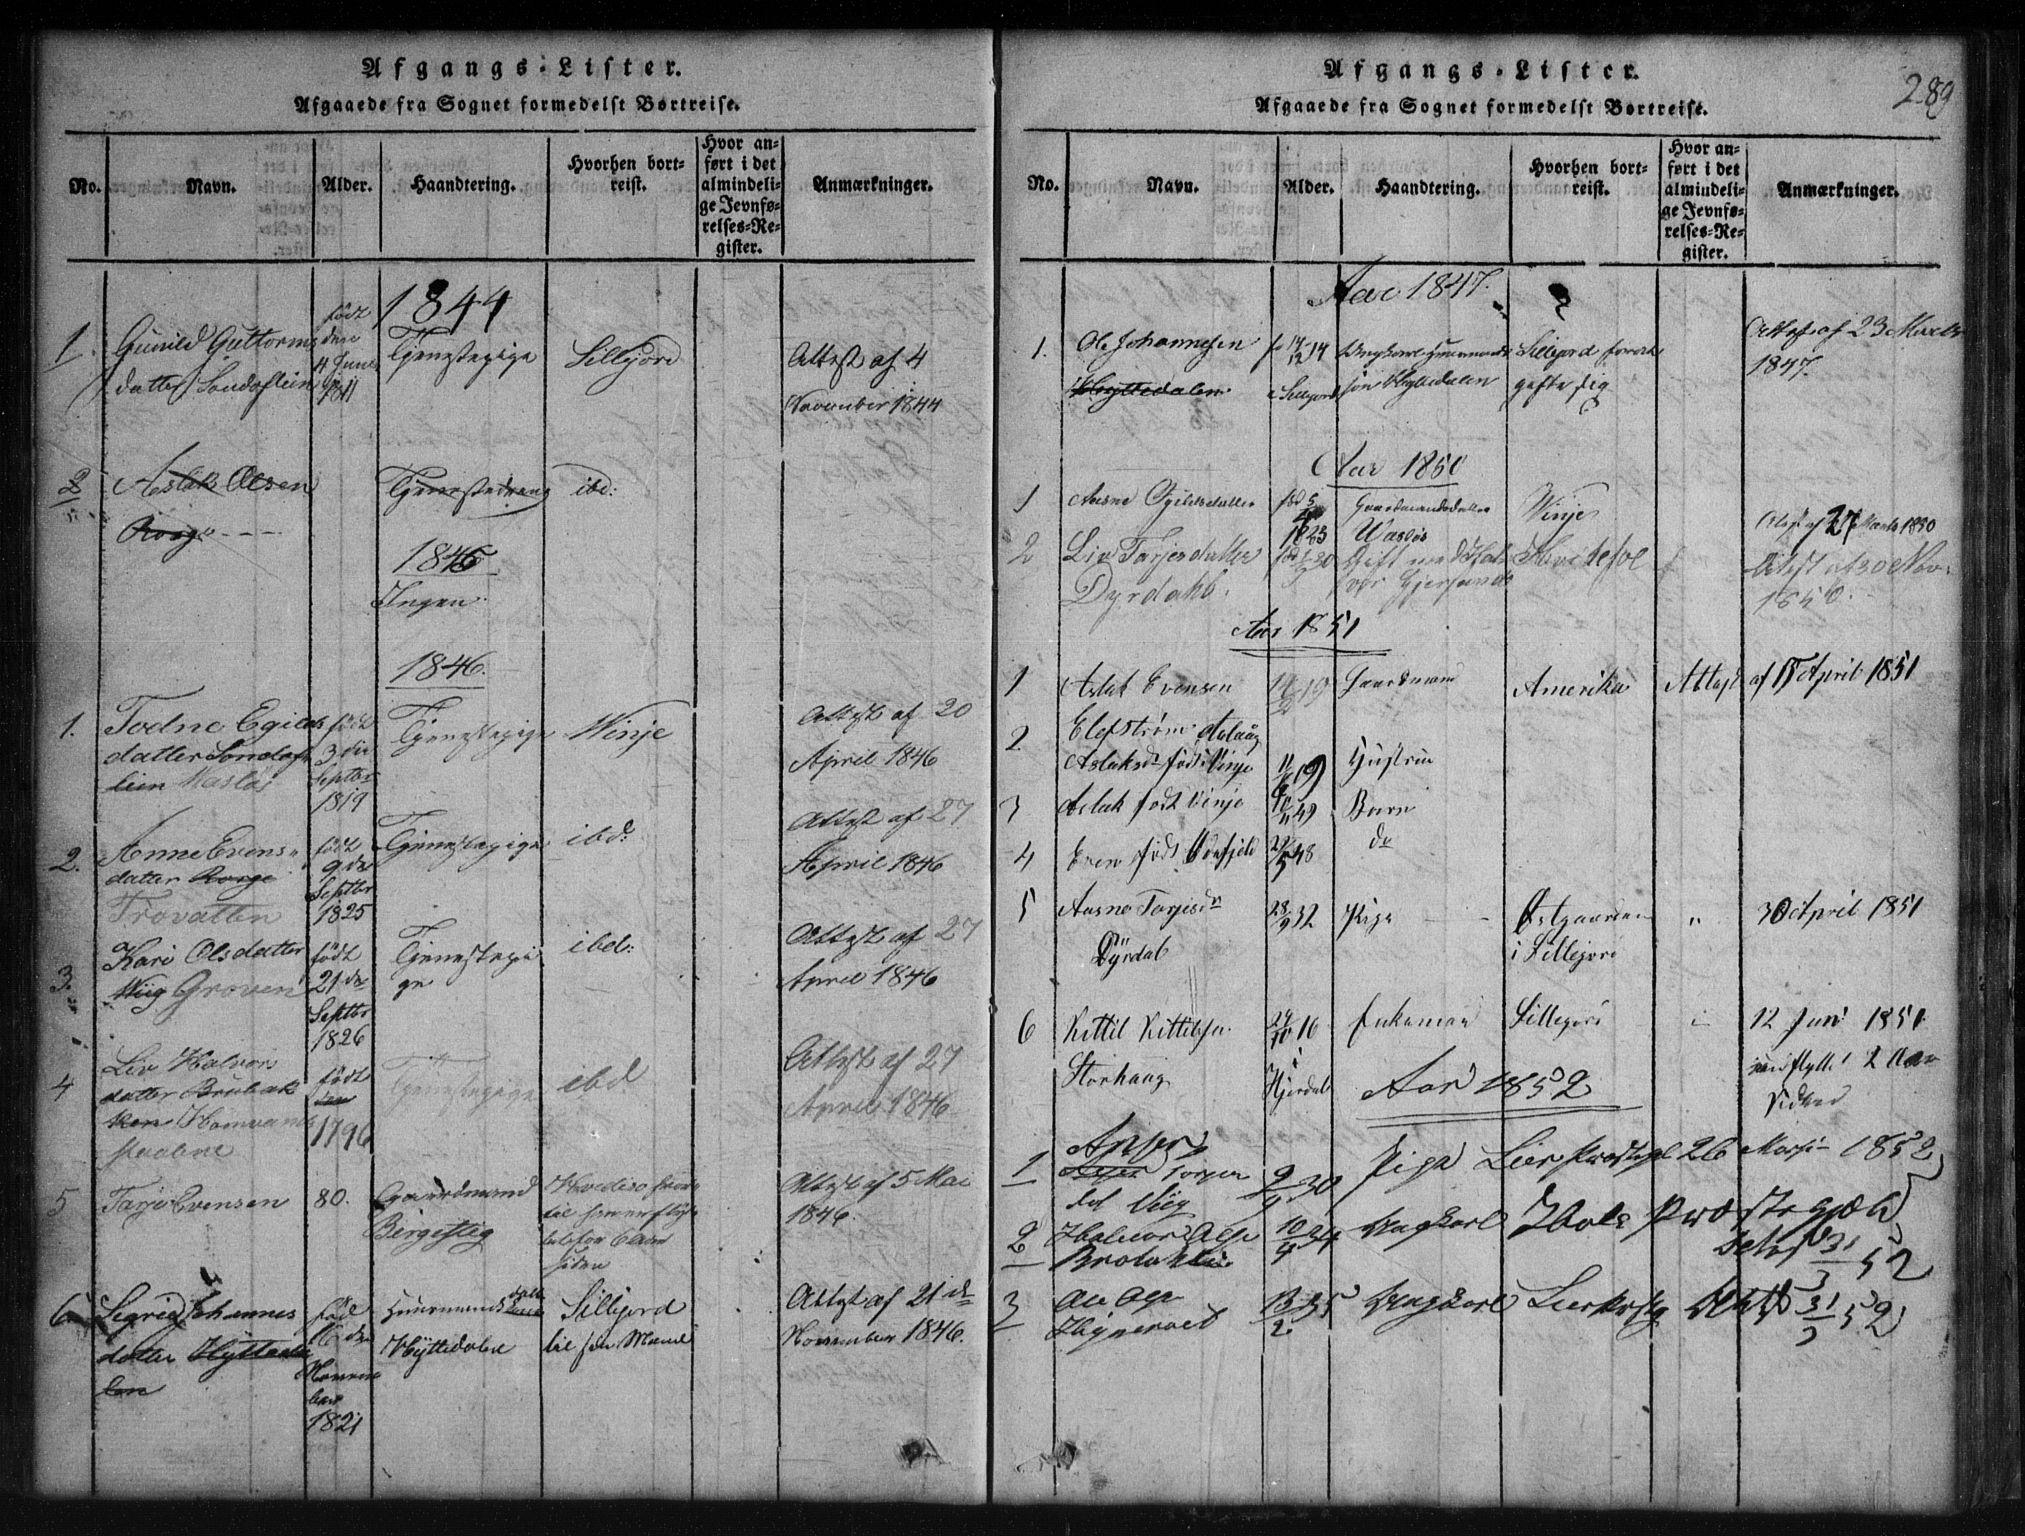 SAKO, Rauland kirkebøker, G/Gb/L0001: Klokkerbok nr. II 1, 1815-1886, s. 289